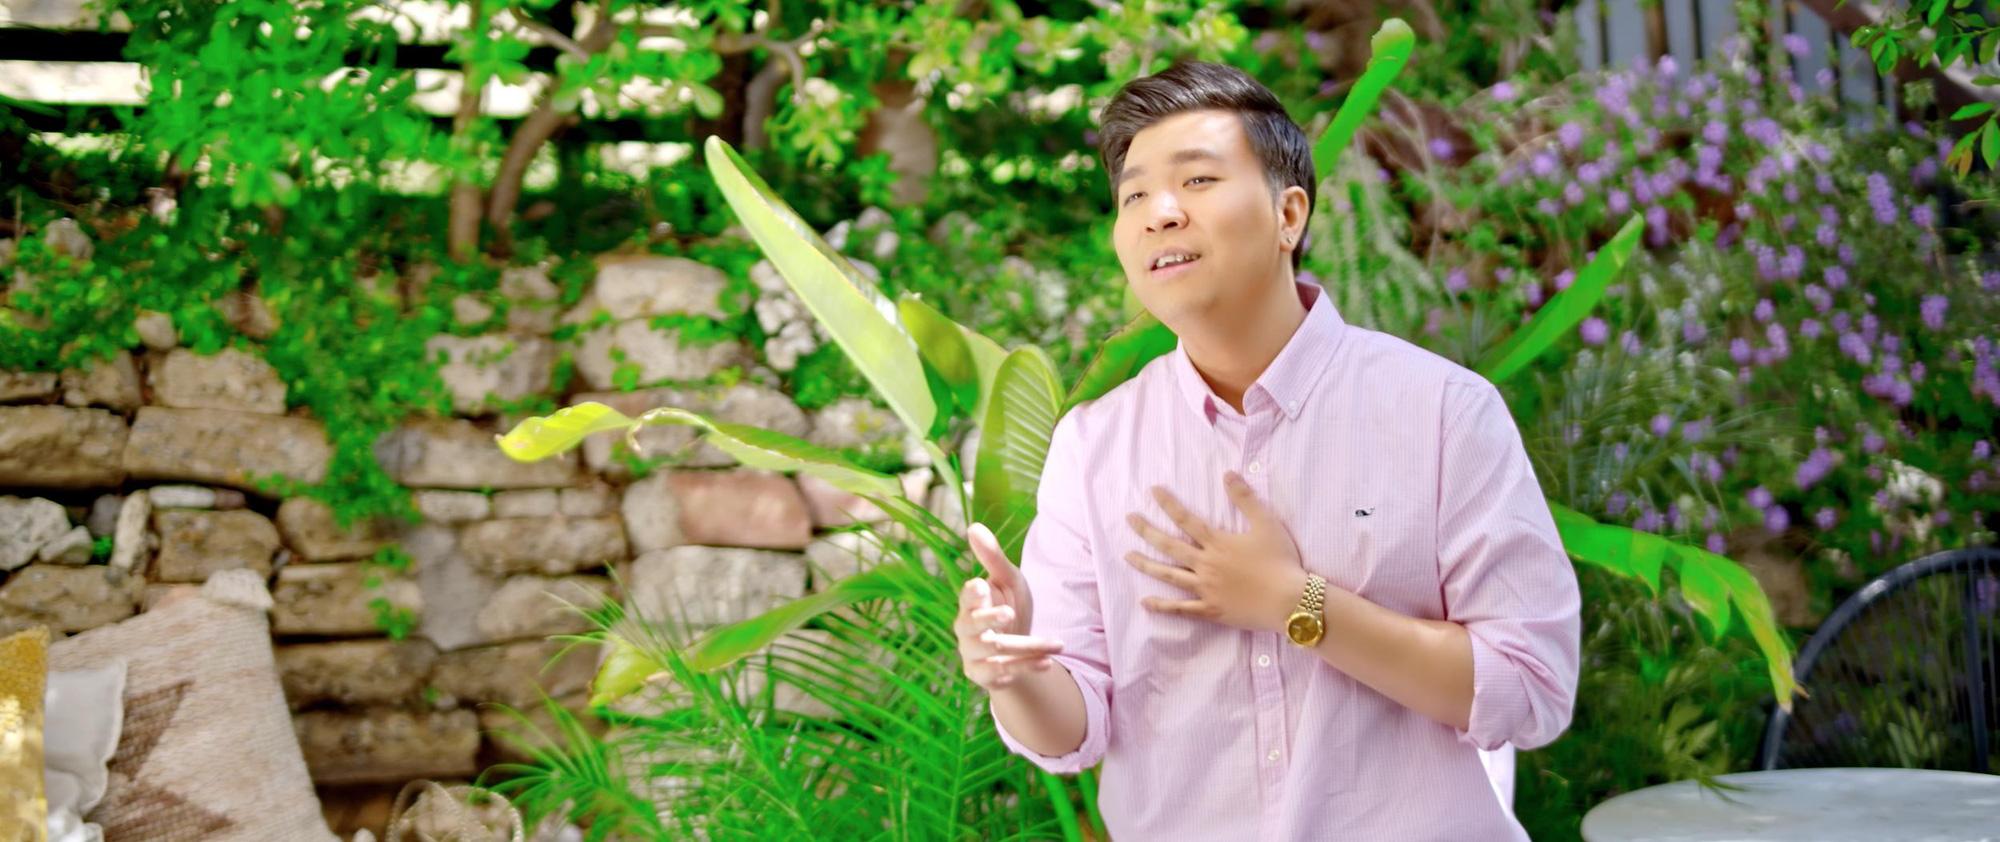 Anh Khang ra mắt ca khúc ngọt lịm tim cho các cặp đôi, hiếm hoi chia sẻ về vợ - Ảnh 5.